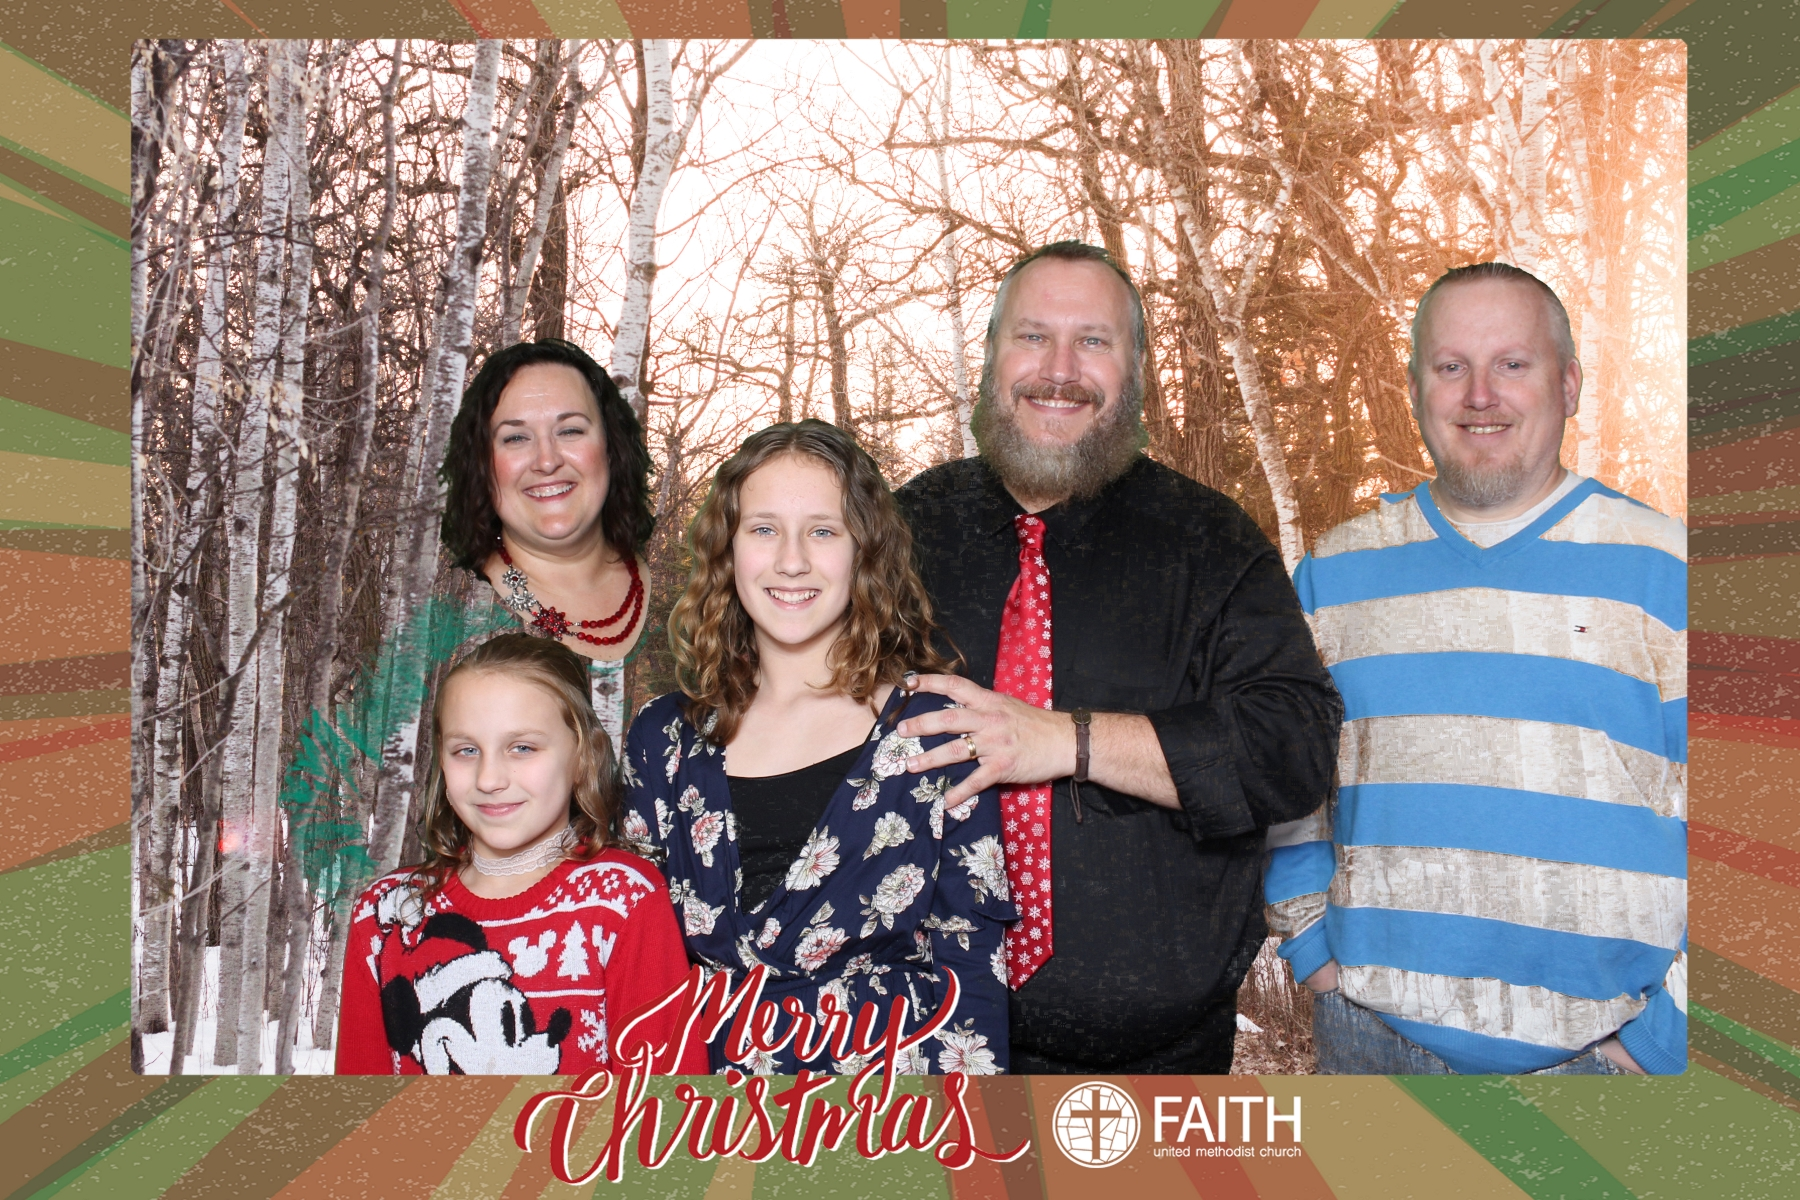 Faith2018_2018-12-24_16-58-37.jpg